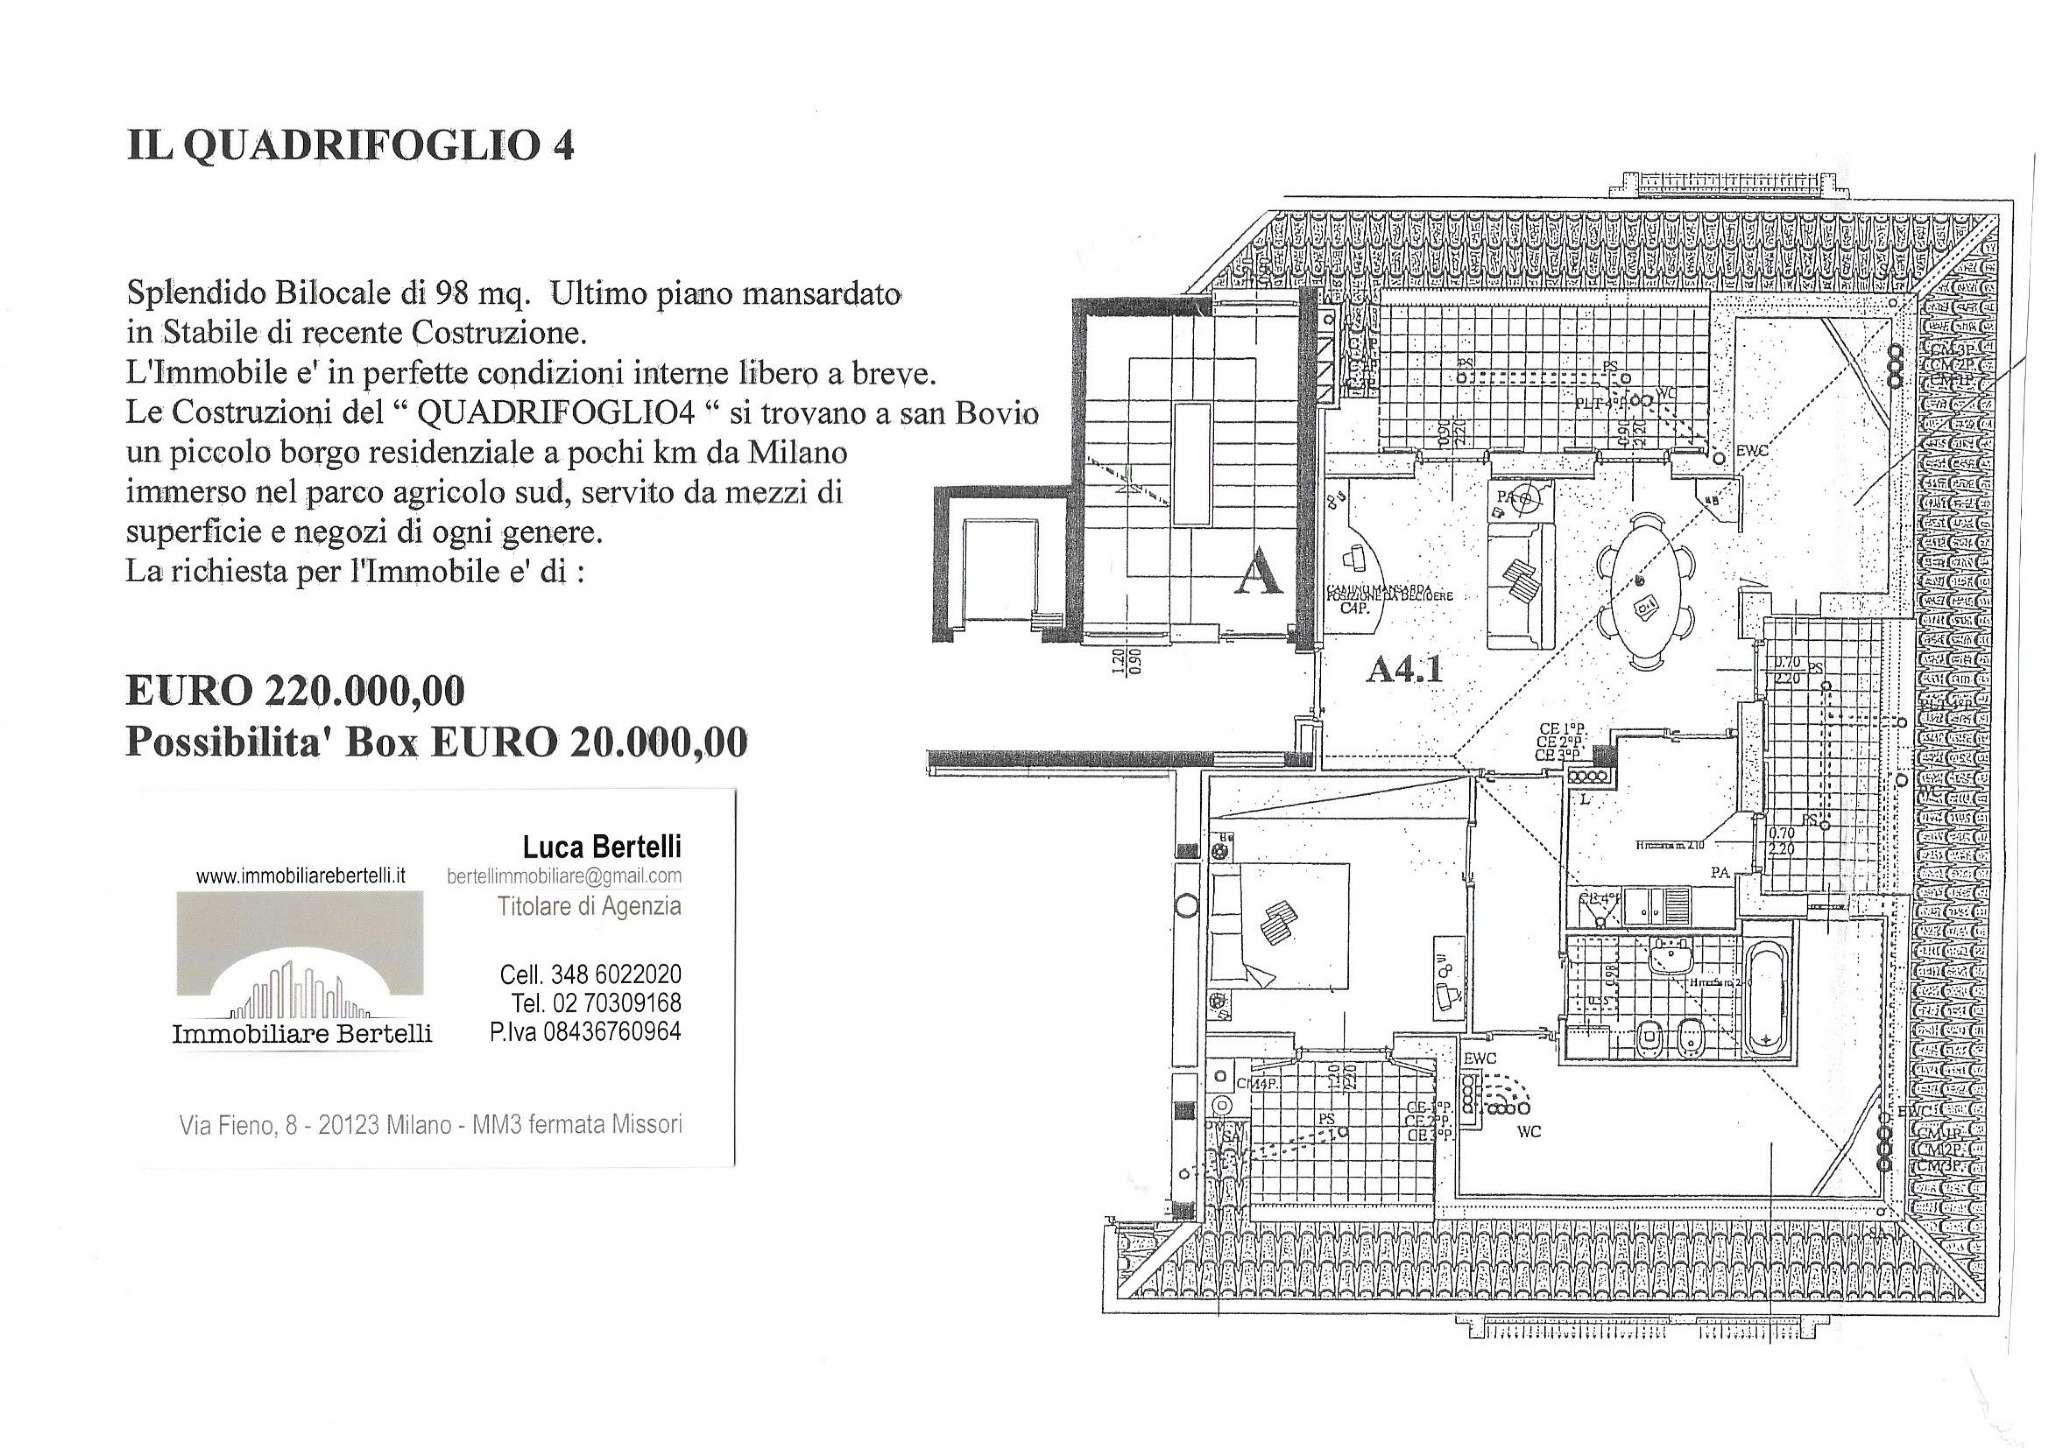 Appartamento in vendita a Peschiera Borromeo, 2 locali, prezzo € 220.000 | PortaleAgenzieImmobiliari.it